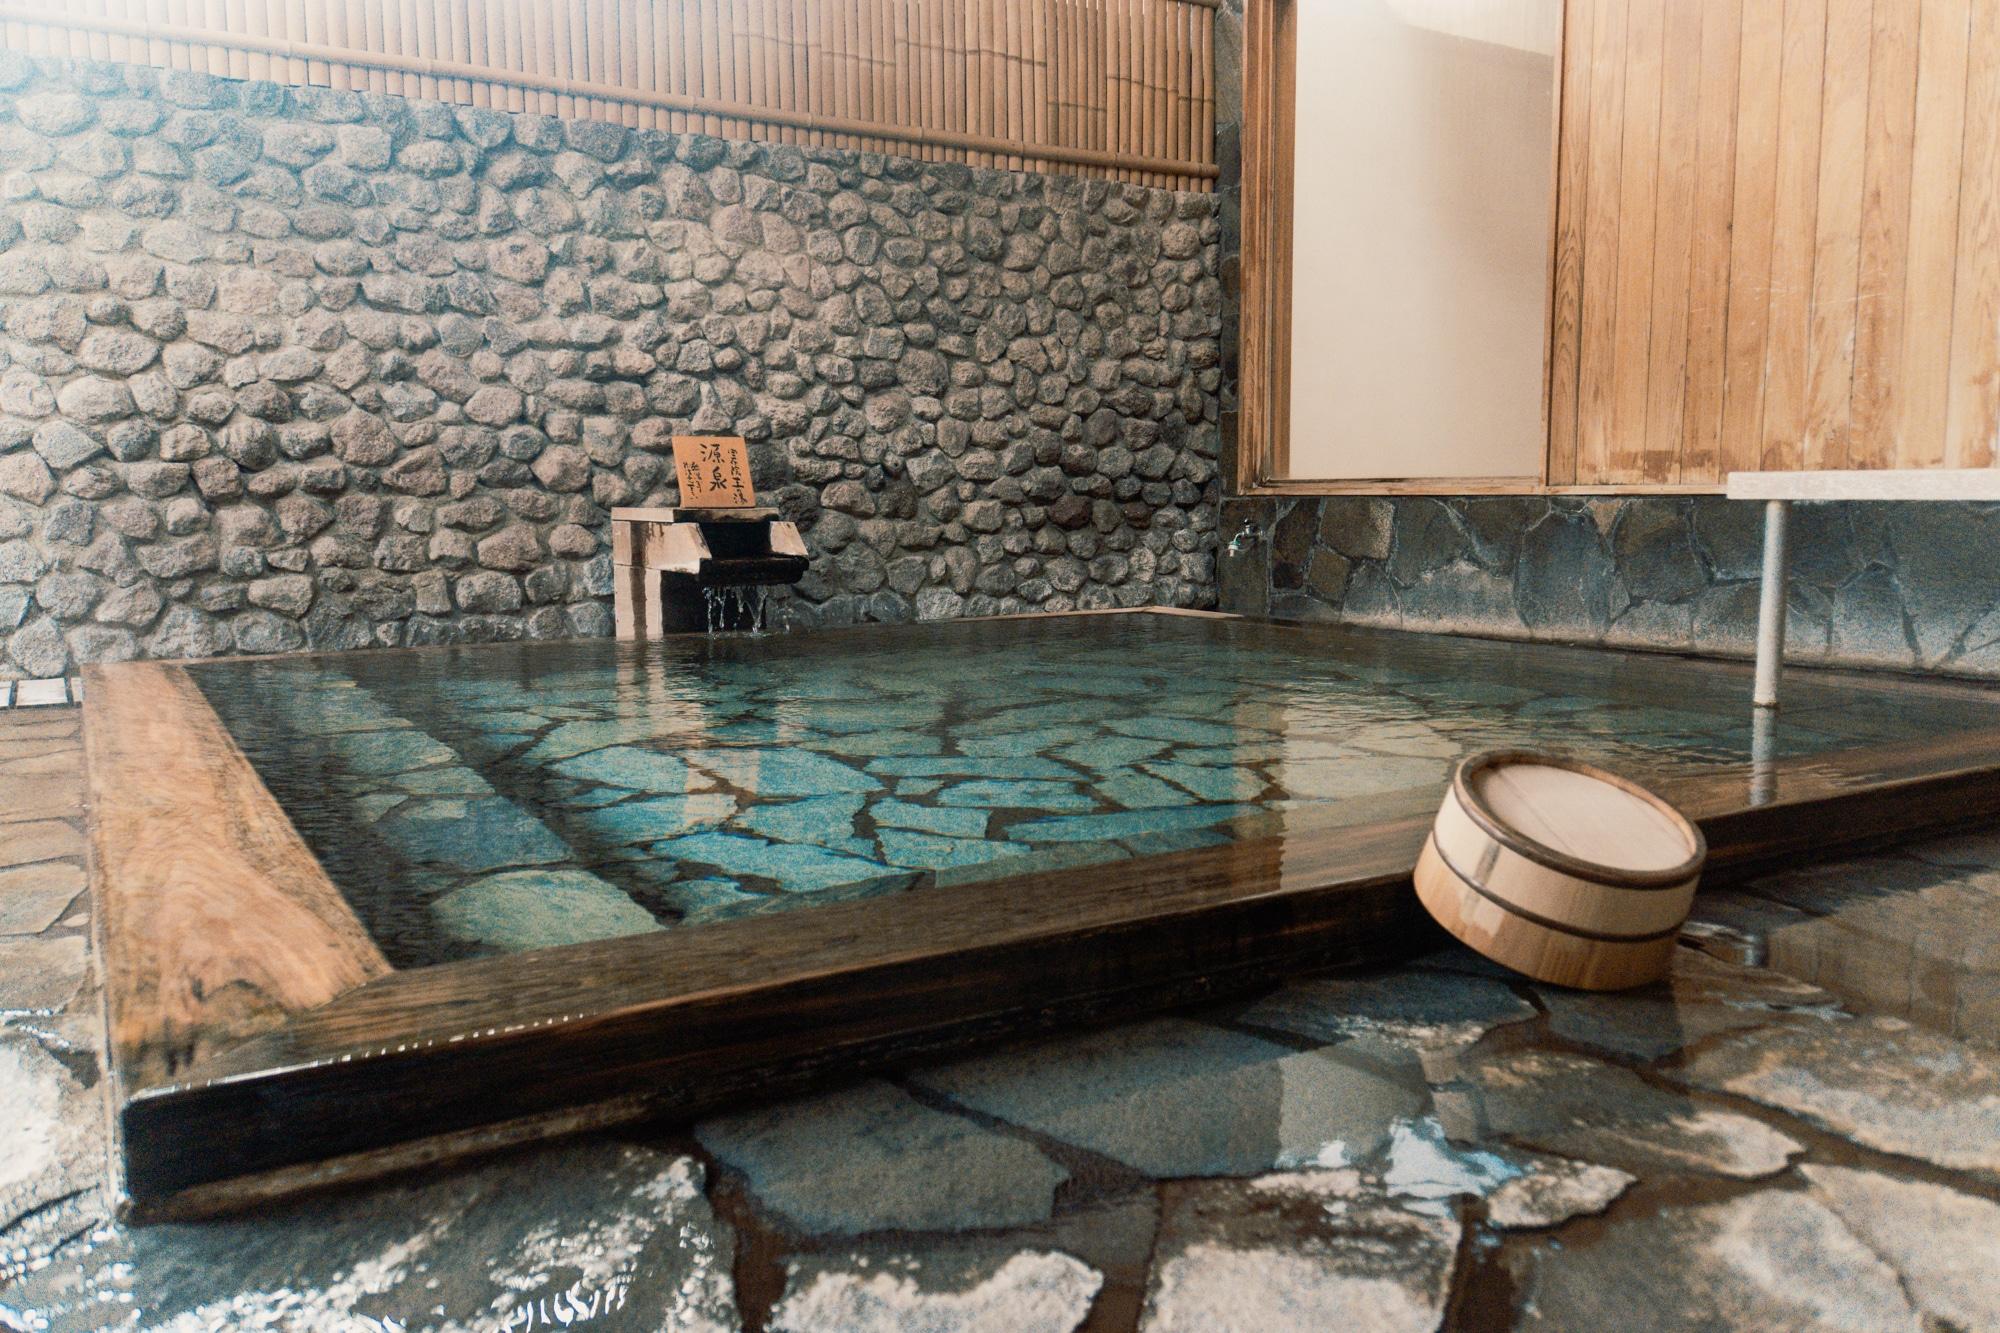 Kyushu Rundreise: Reisetipps, Onsen und Highlights in Japans Süden - Yufuin Onsen